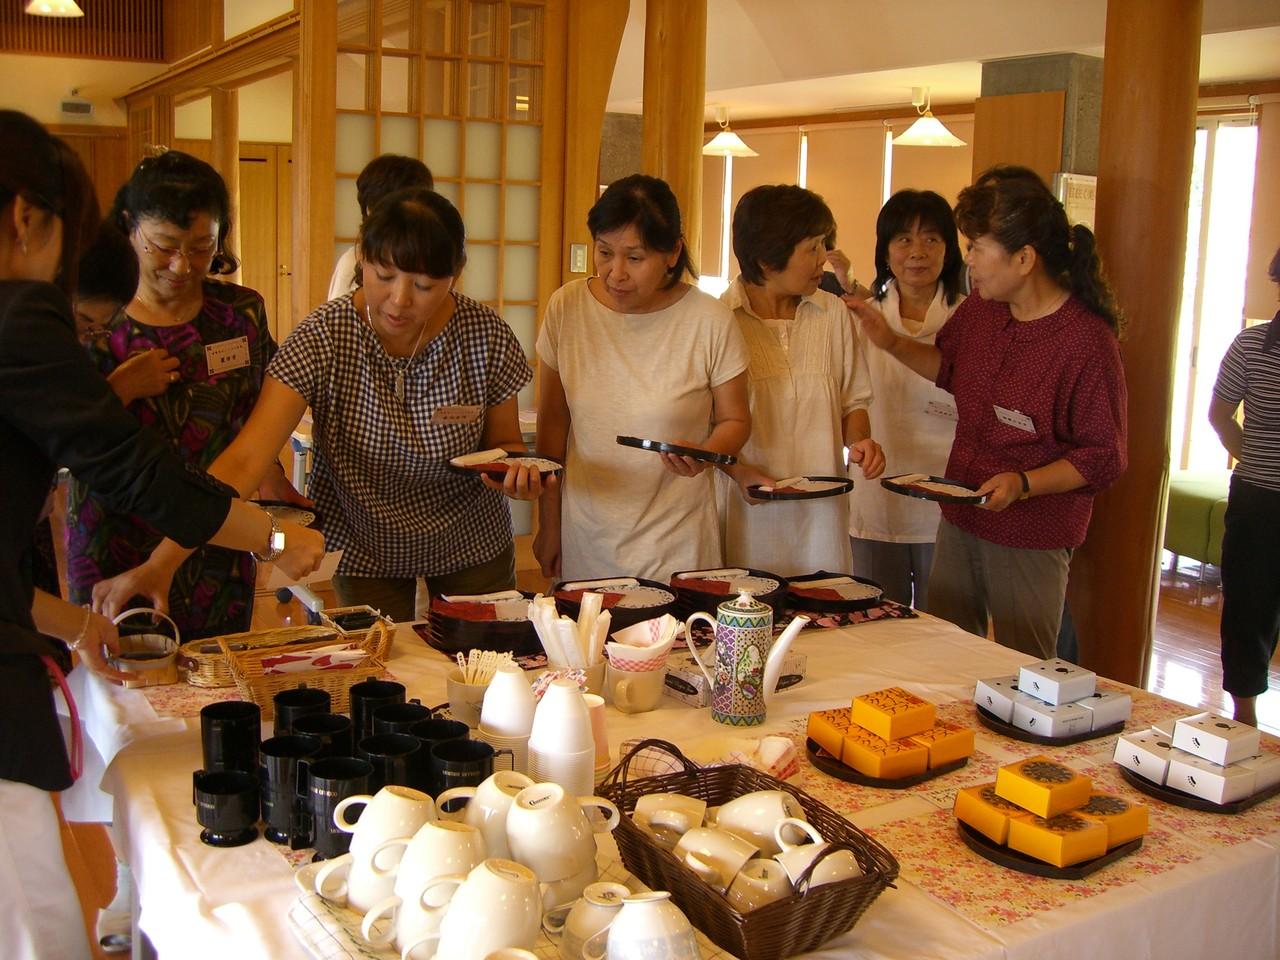 2013 磐梯町ヒューマン美塾 1